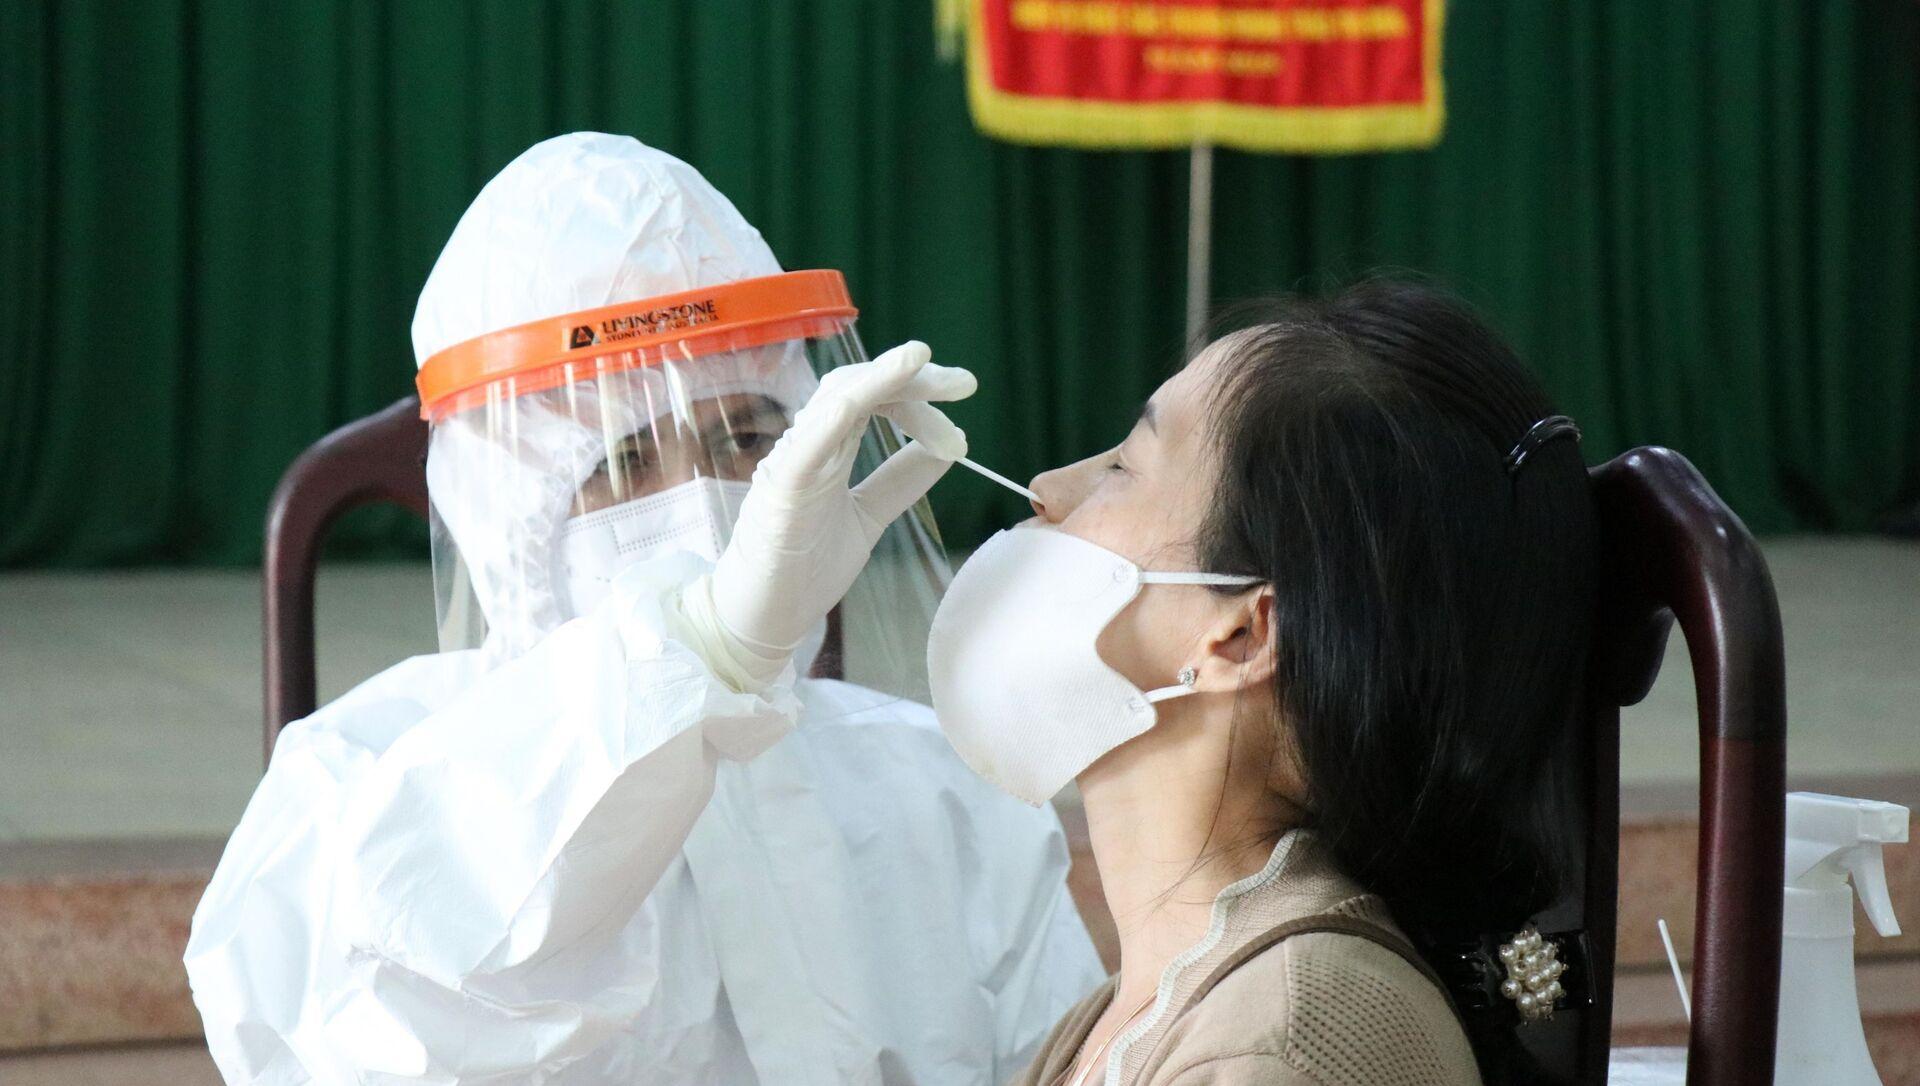 Lấy mẫu xét nghiệm cho tiểu thương chợ Nguyễn Thị Minh Khai, thành phố Buôn Ma Thuột do có yếu tố dịch tễ liên quan đến bệnh nhân COVID-19. - Sputnik Việt Nam, 1920, 09.08.2021